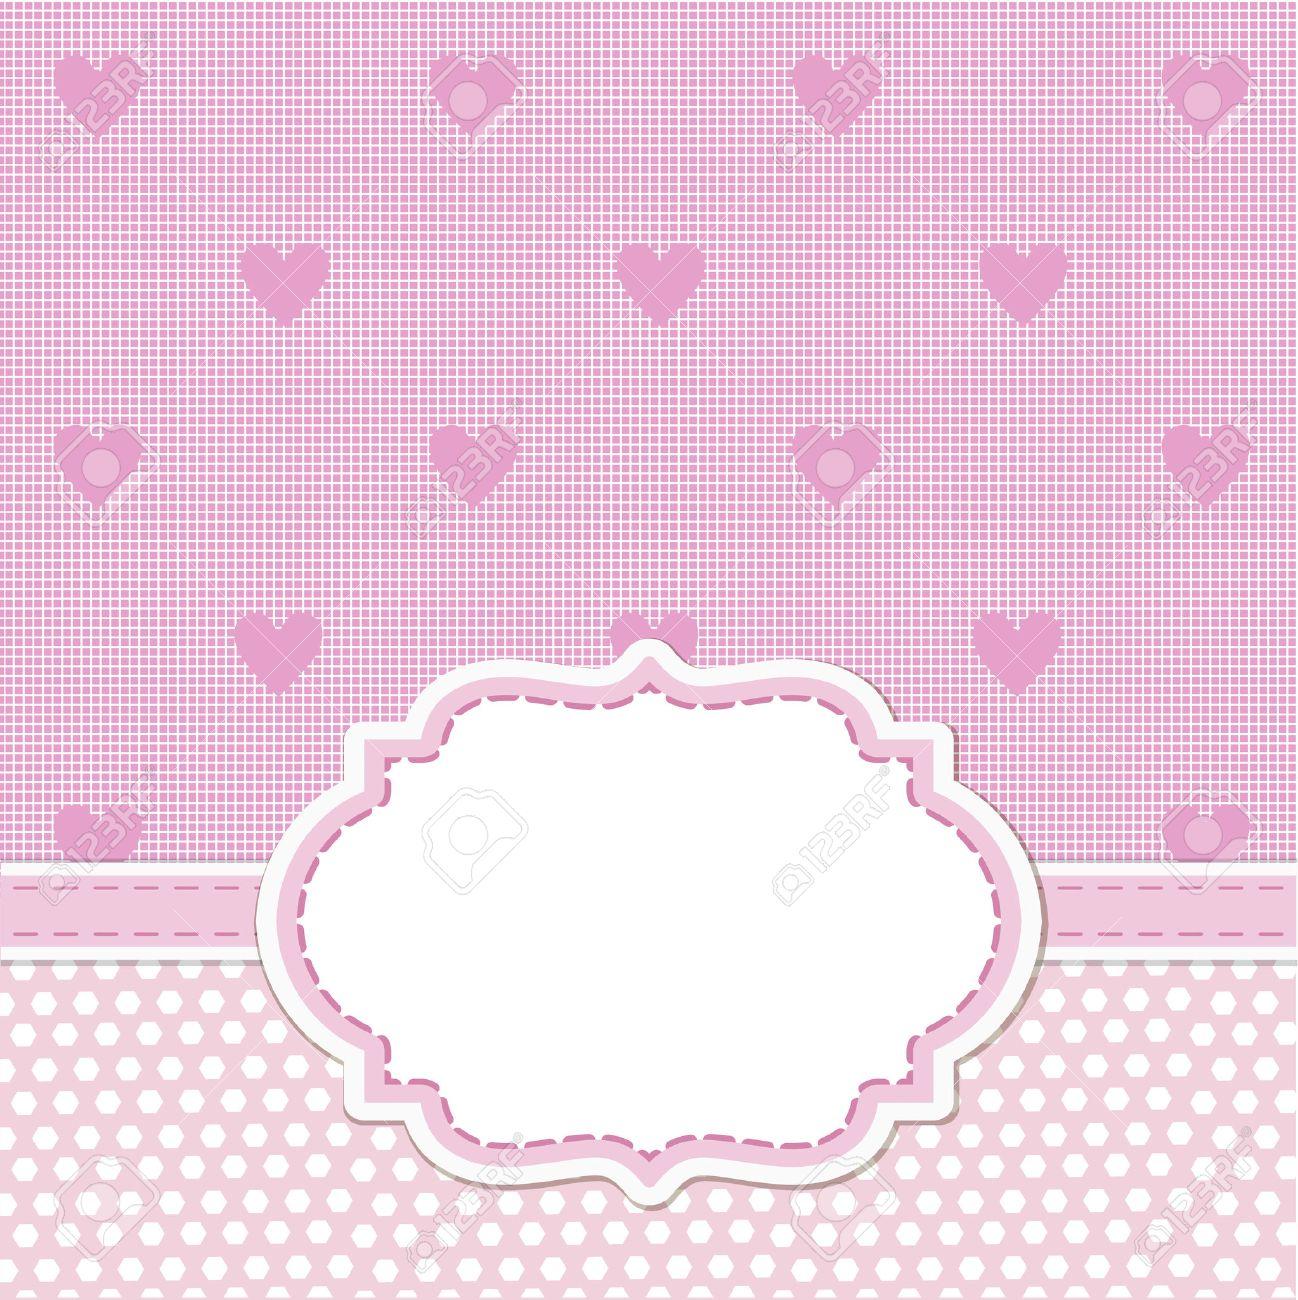 Invitación De La Tarjeta De Color Rosa Para Baby Shower Boda O Fiesta De Cumpleaños Con Rayas Blancas De Fondo Linda Con El Espacio En Blanco Para